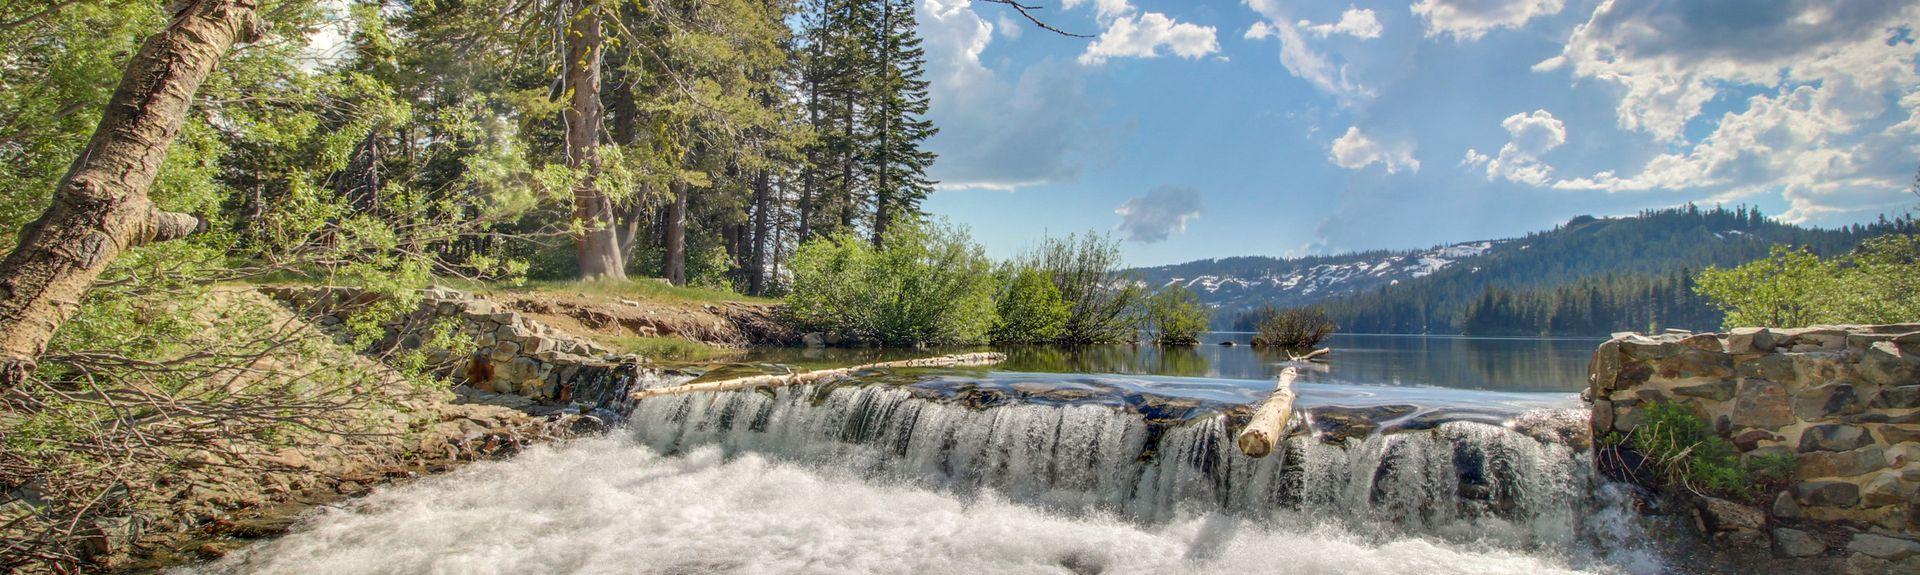 Lake Davis, CA, USA